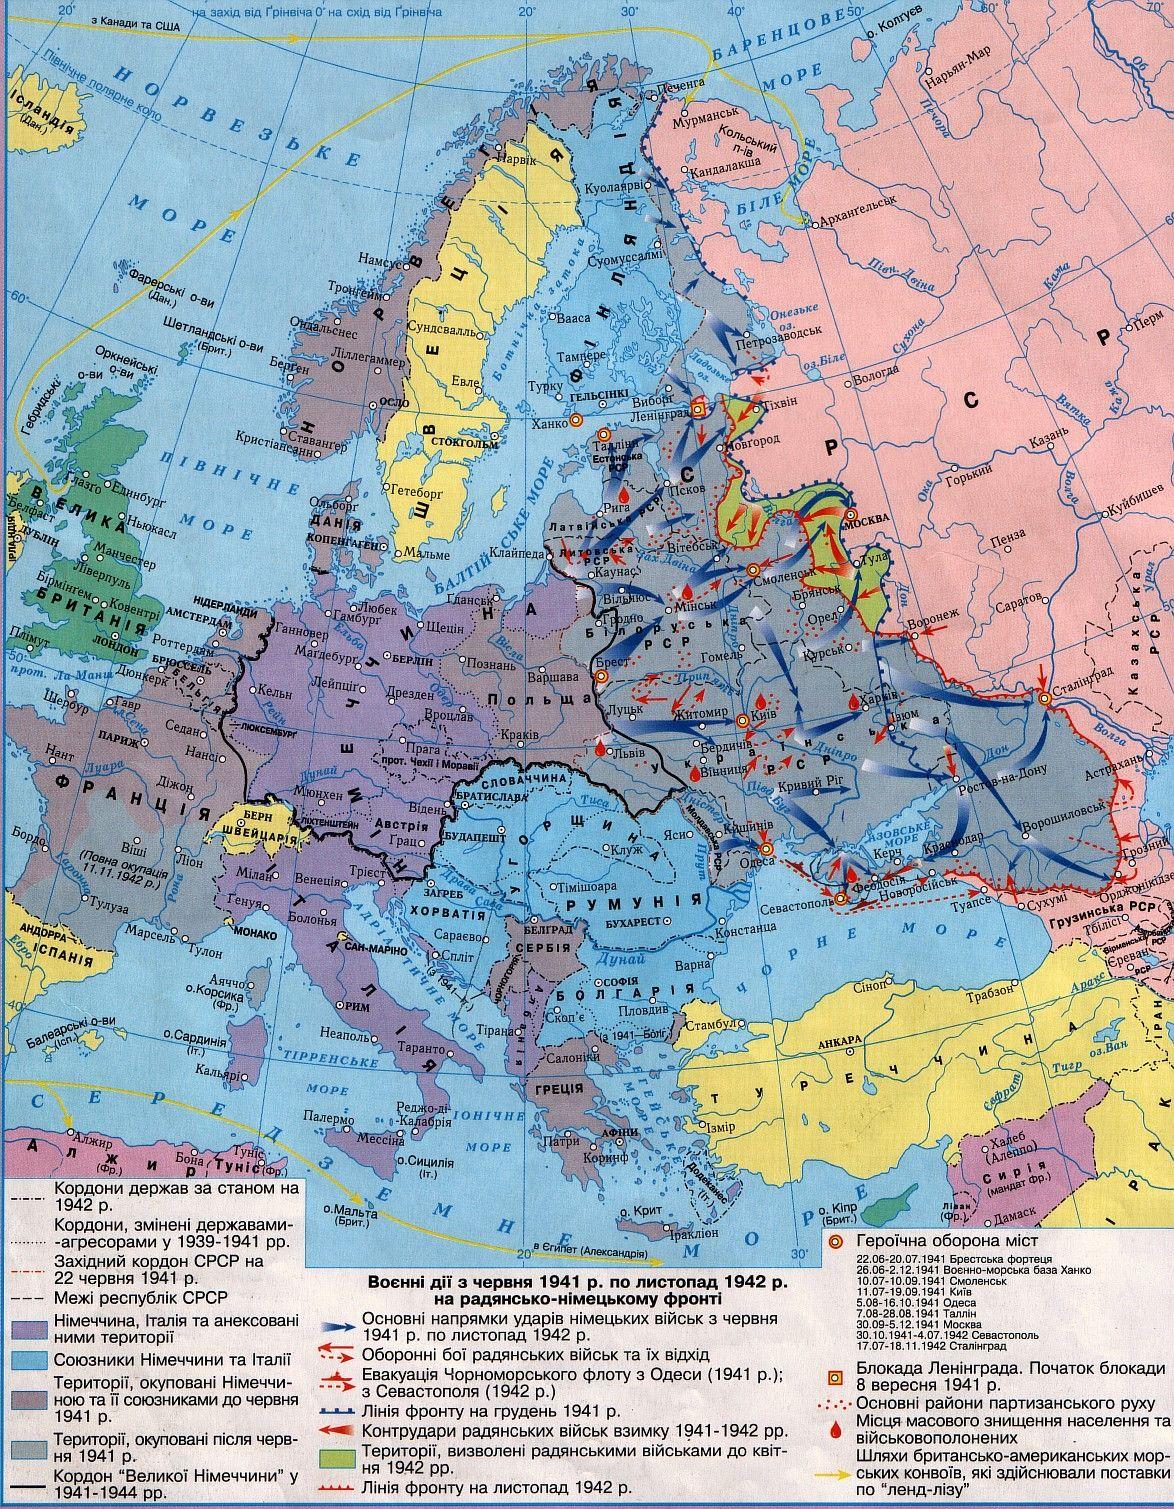 2 Ya Mirovaya Vojna Evropa 1941 1942 Karta 2 Vtoraya Mirovaya